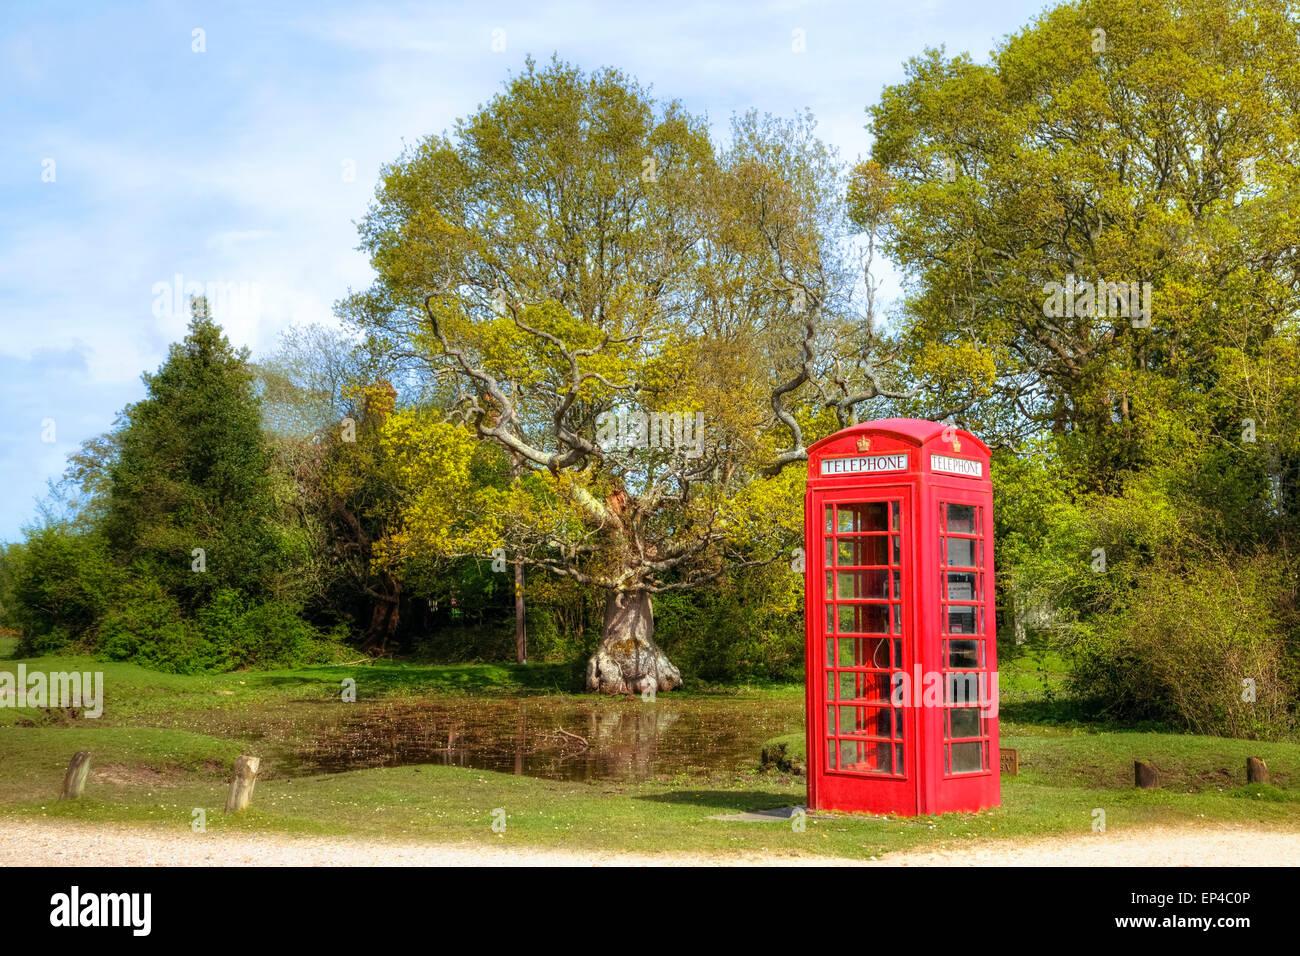 phone box, New Forest, Brockenhurst, Hampshire, England, UK - Stock Image